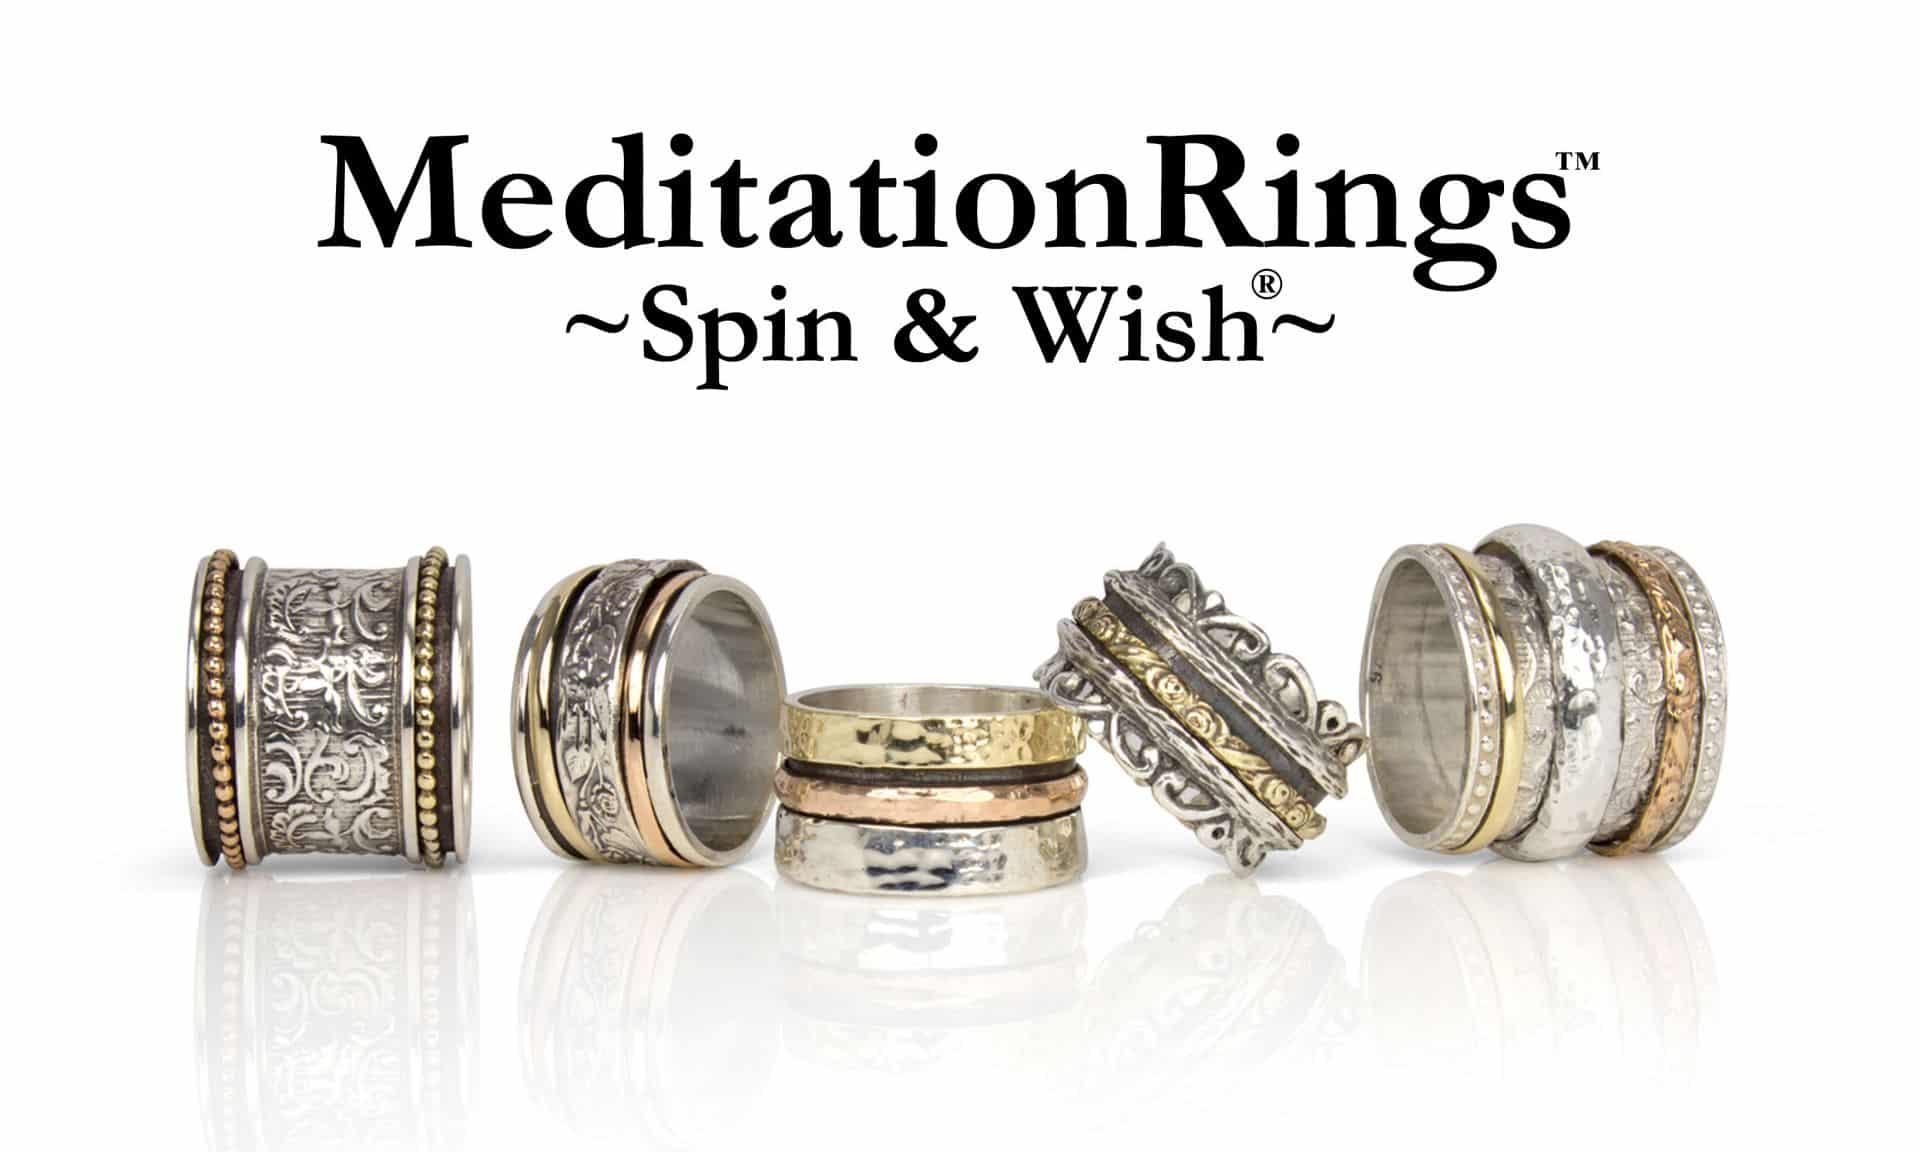 MeditationRings - Spin & Wish